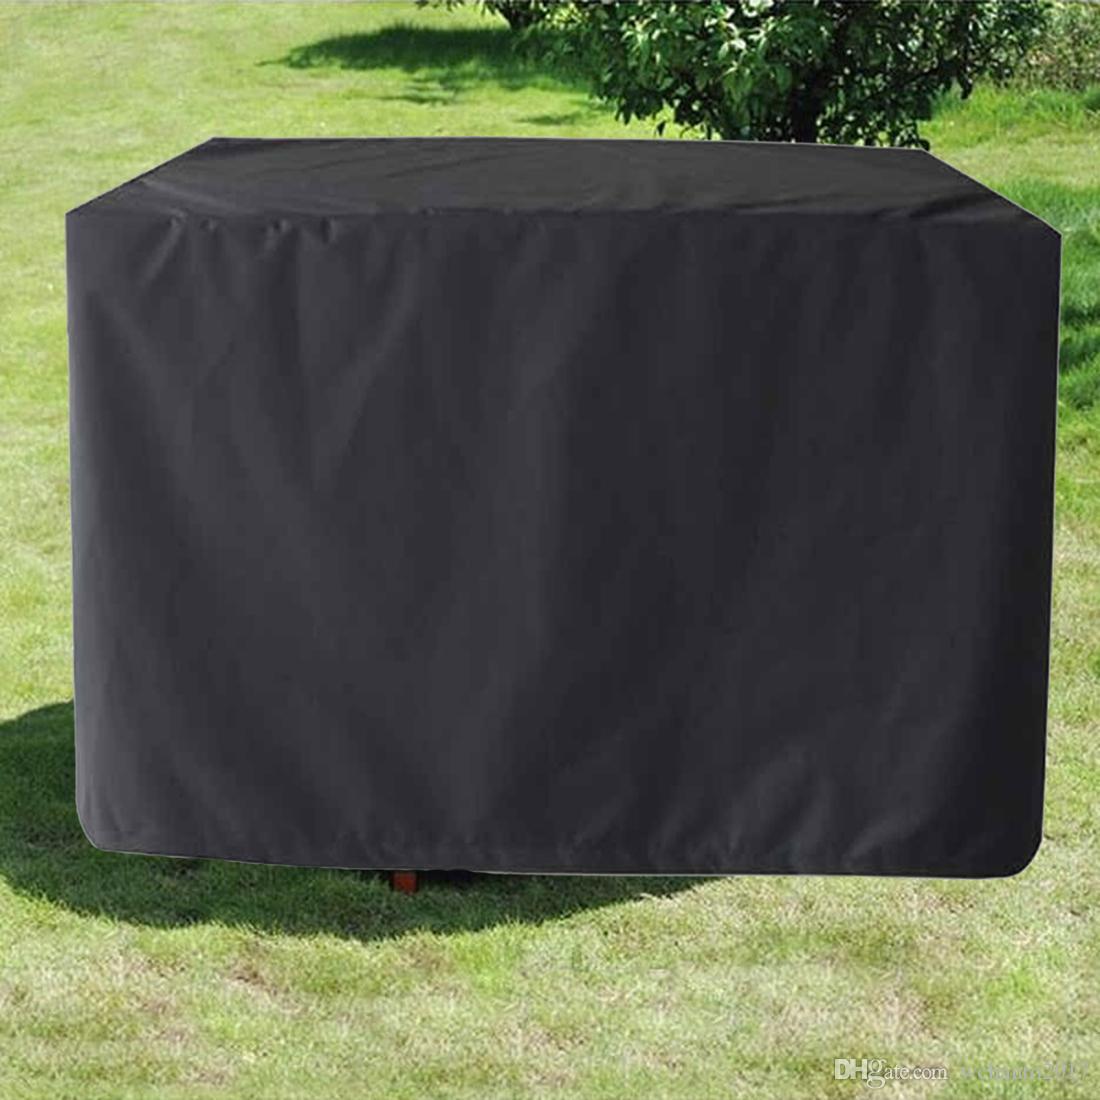 Outdoor Furniture Cover Square Black Waterproof Outdoor Garden